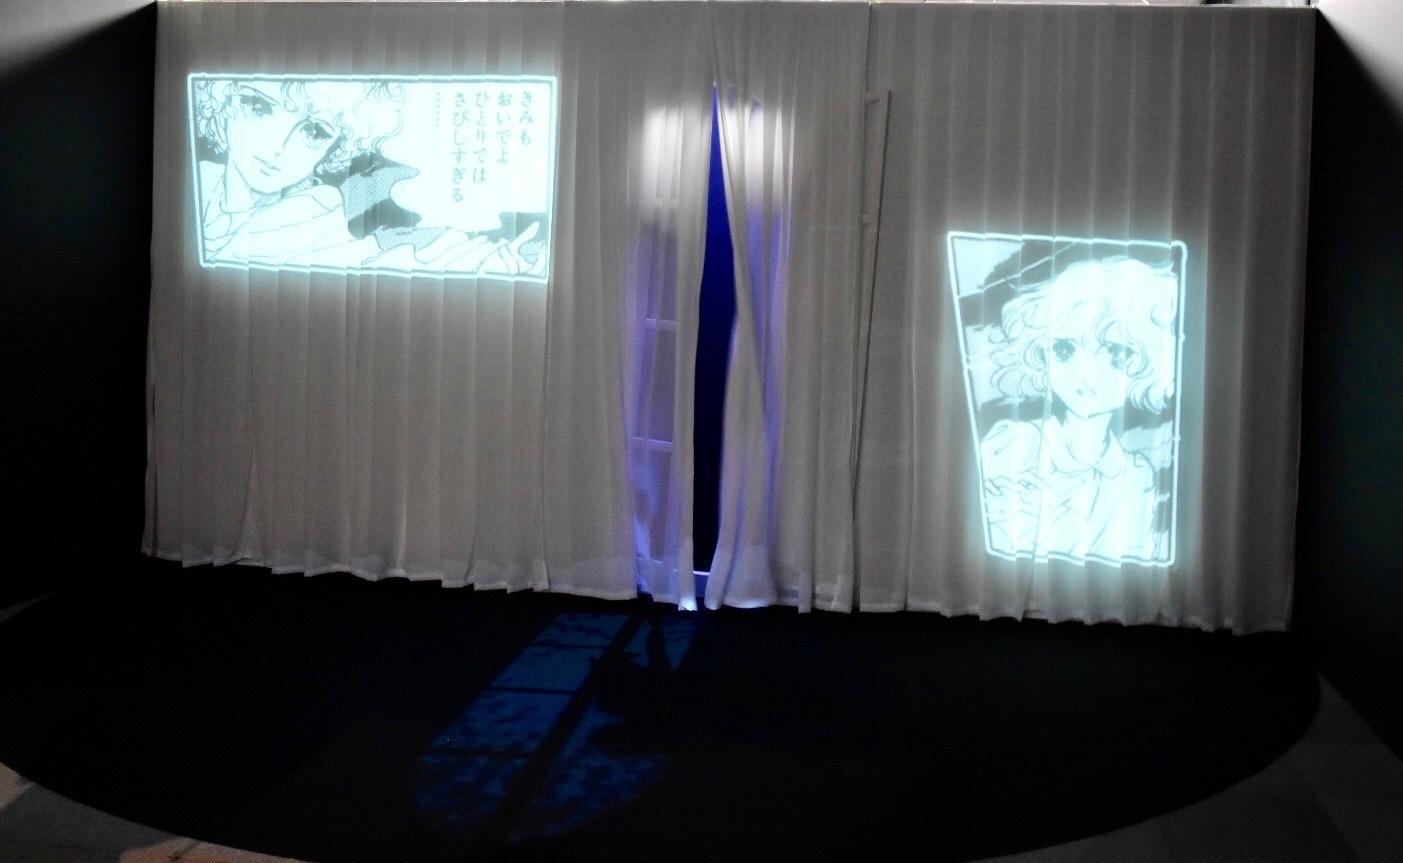 イントロダクションで見られる「ポーの一族」の映像 ©萩尾望都/小学館